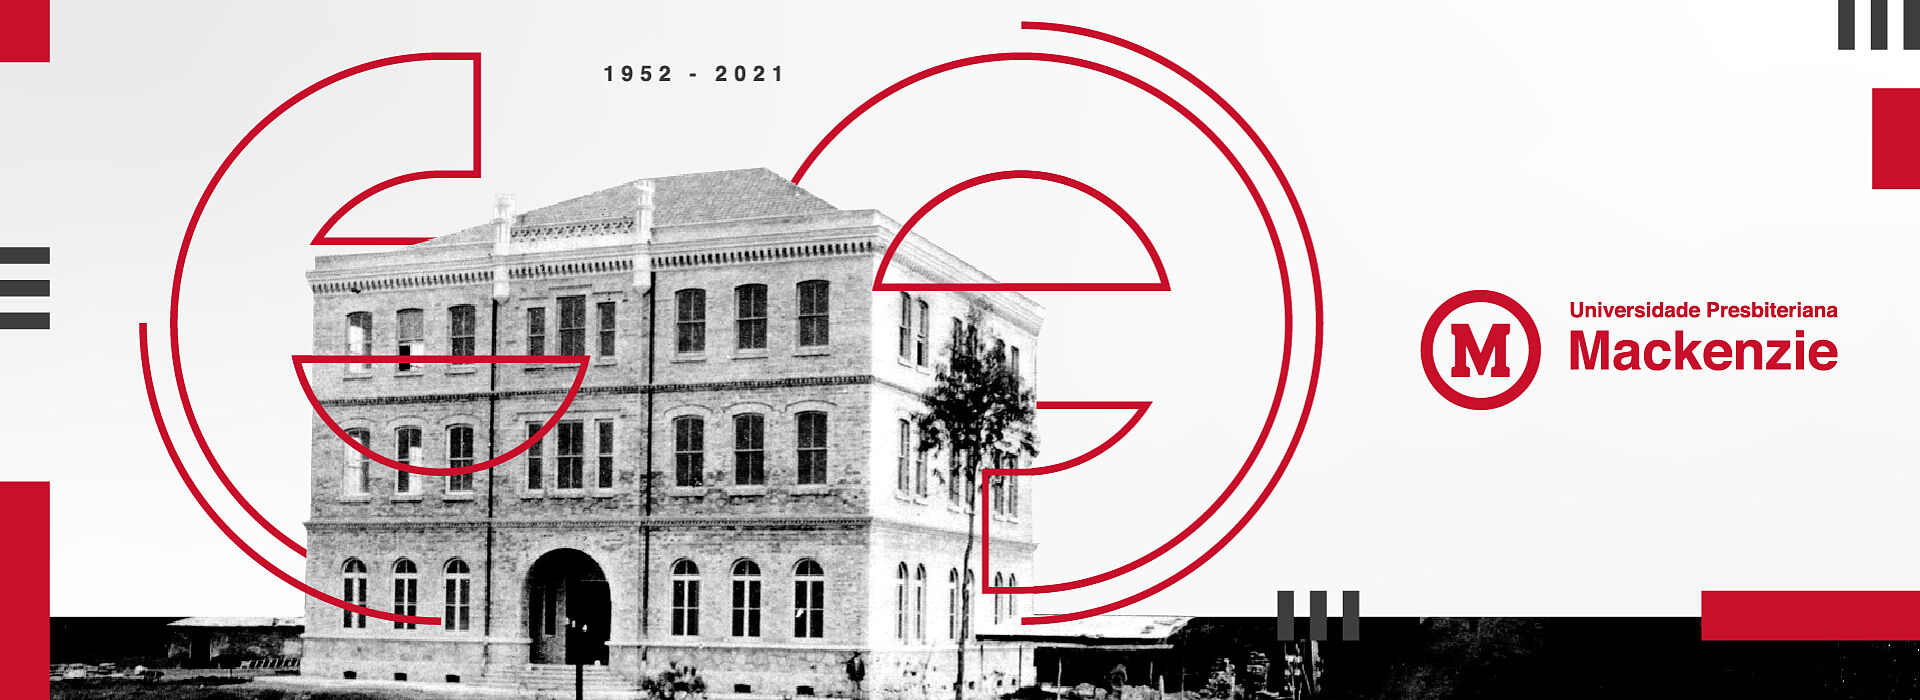 A imagem de capa é um imagem ilustrativa, com o logo da universidade presbiteriana mackenzie do lado direito e um prédio histórico do mackenzie ao lado esquerdo.